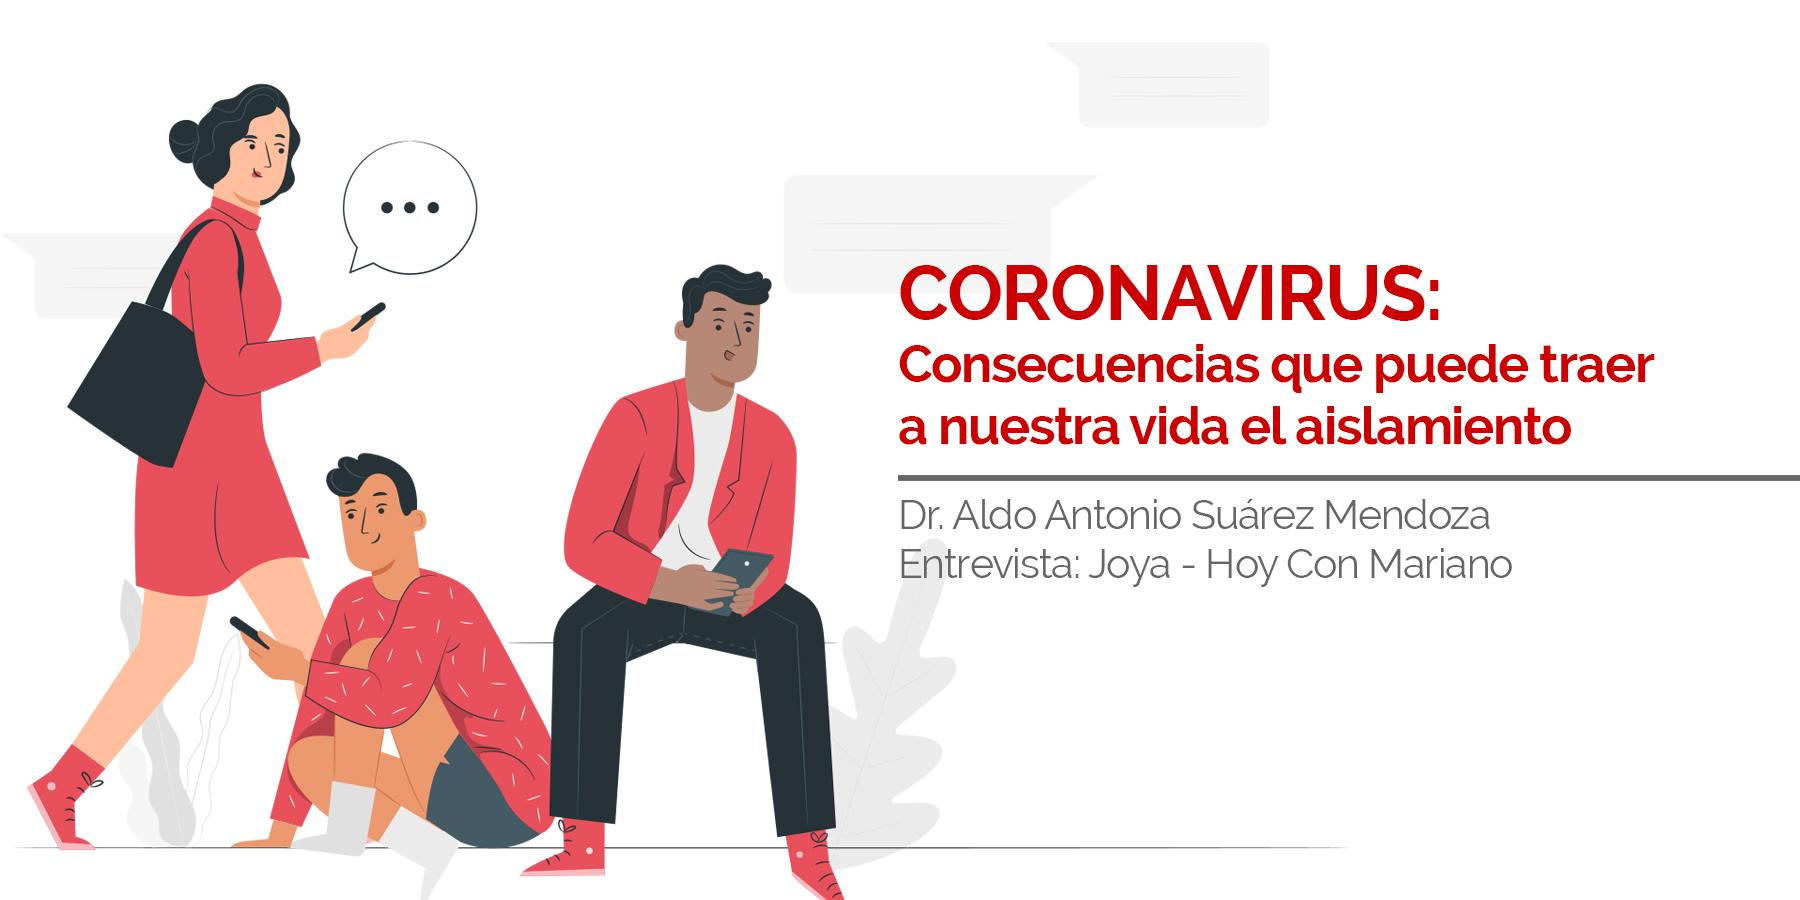 CORONAVIRUS: Consecuencias que puede traer a nuestra vida el aislamiento